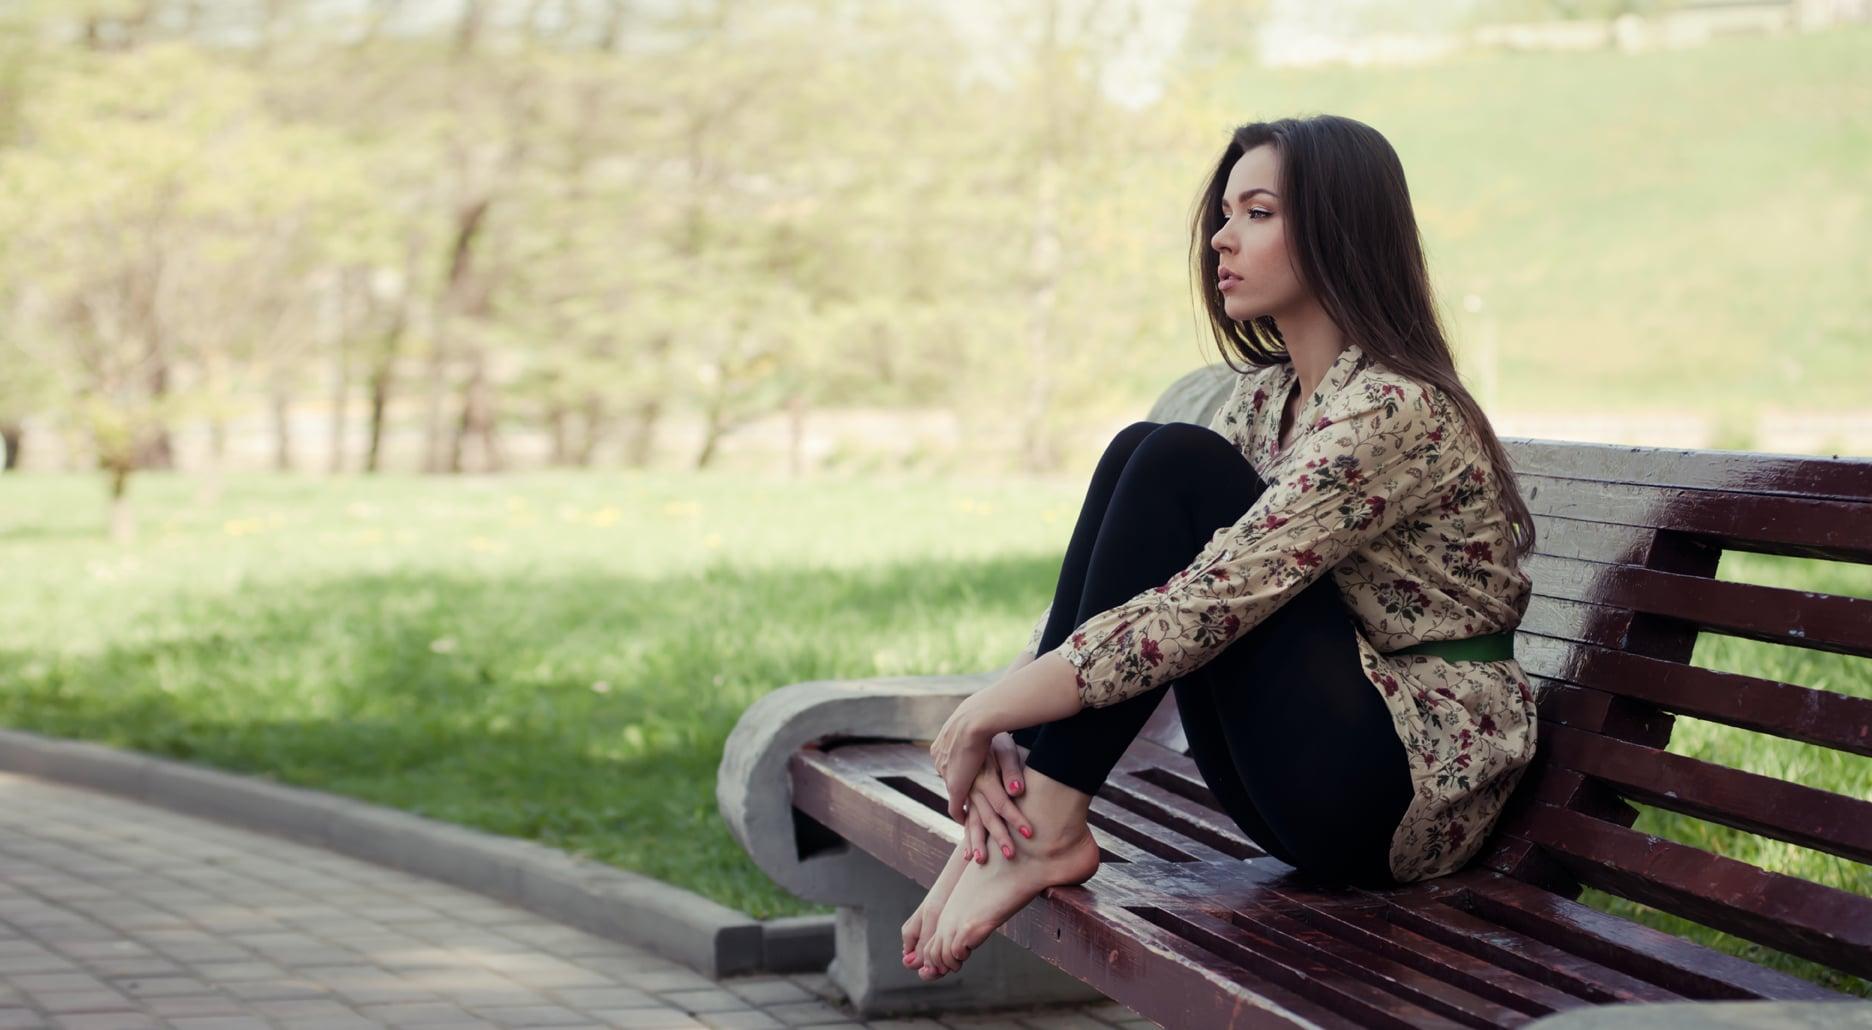 Красивые девушки часто одиноки 16 фотография